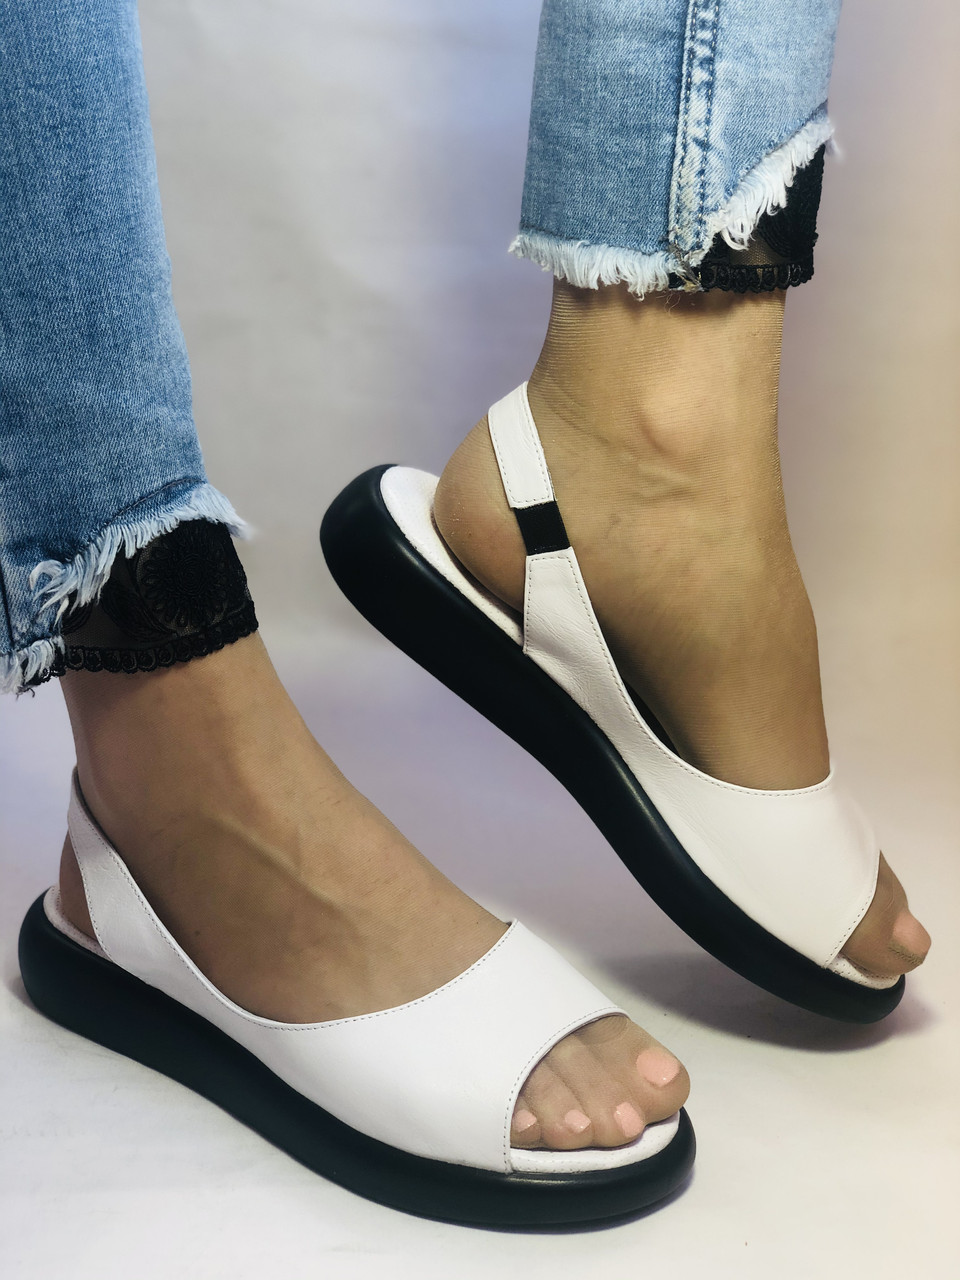 Супер комфорт! Жіночі шкіряні босоніжки .Розмір 36. 37.39.40. Туреччина Магазин Vellena